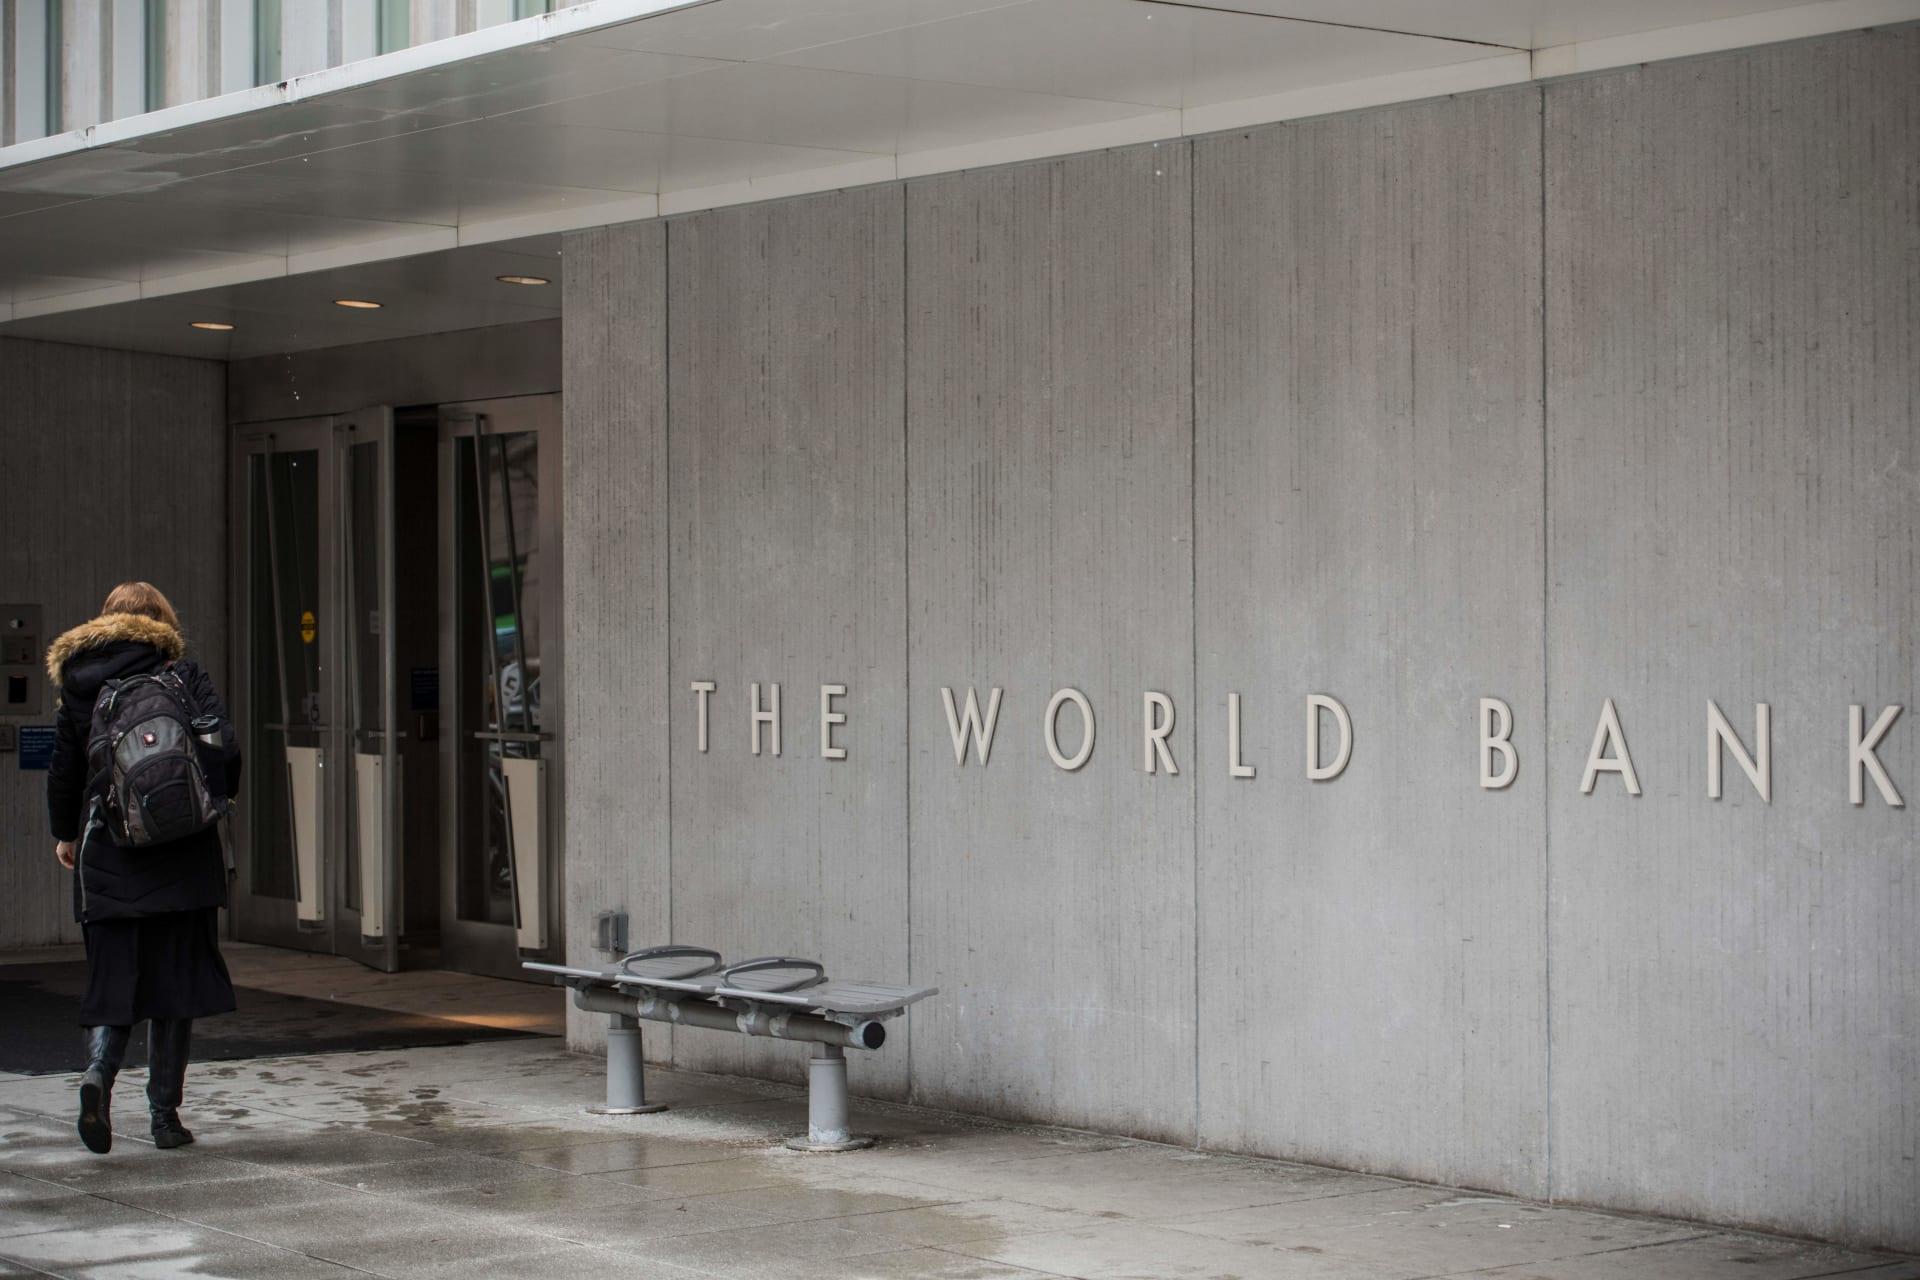  البنك الدولي: 3 تحديات تواجه الاقتصاد العالمي.. وتؤثر عربيا